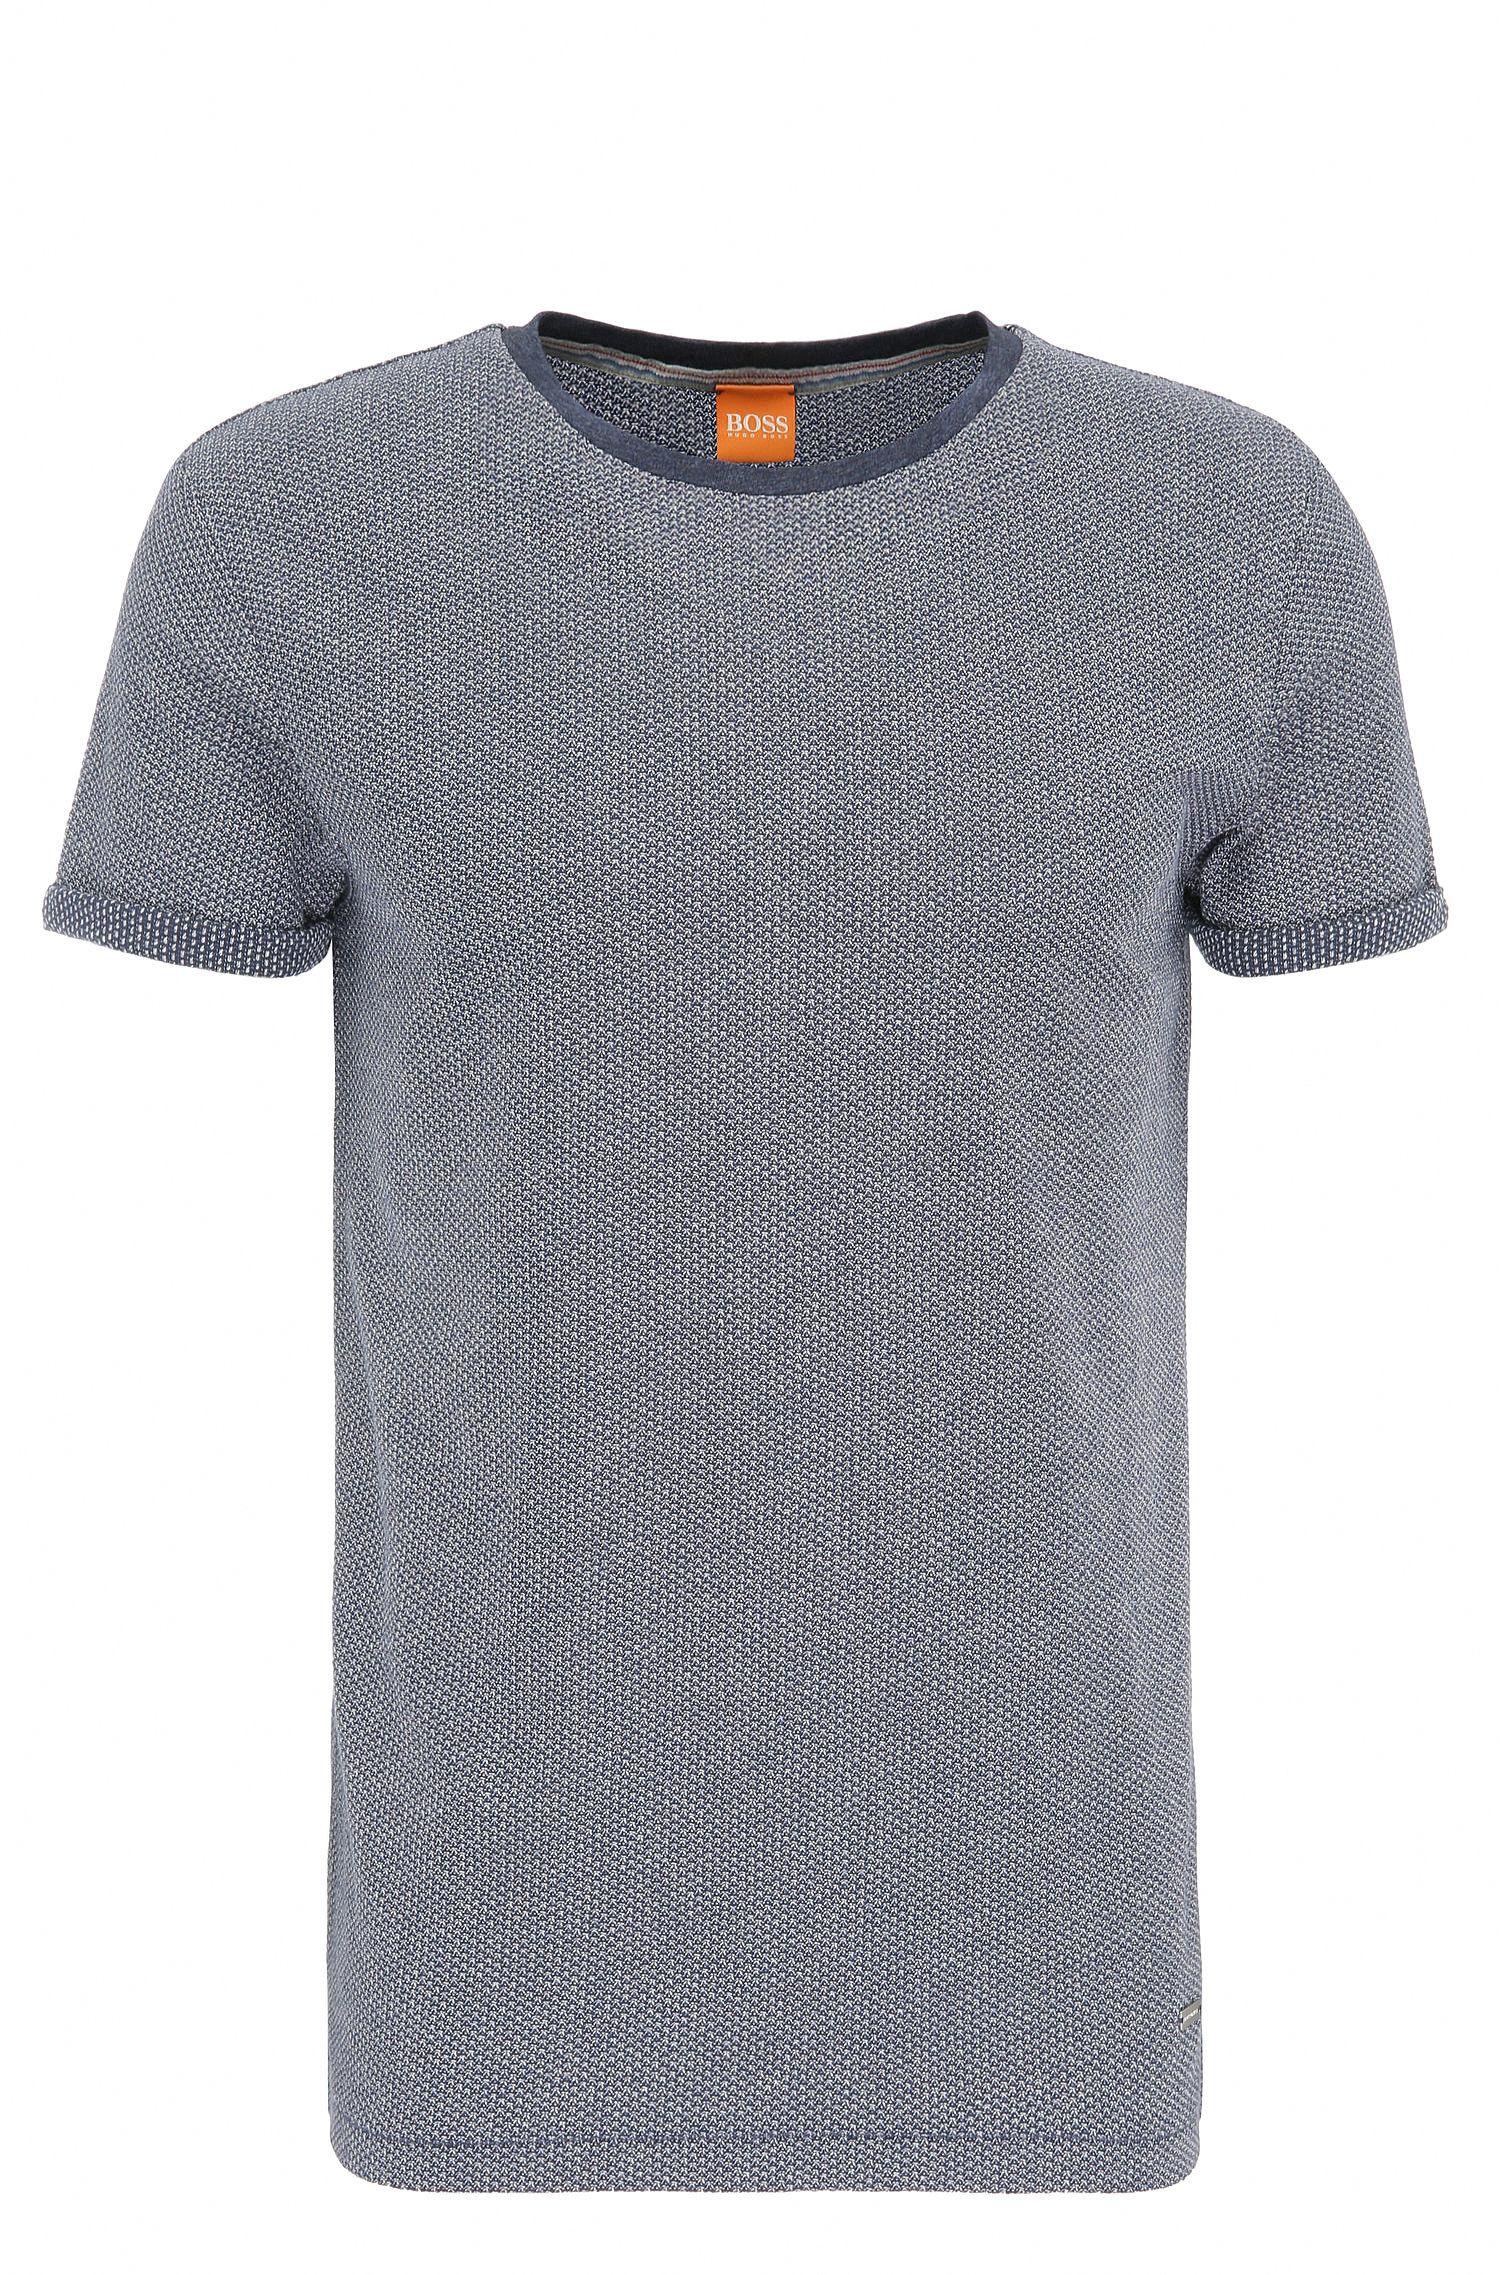 Regular-fit t-shirt in knitwear-look cotton: 'T-Break'